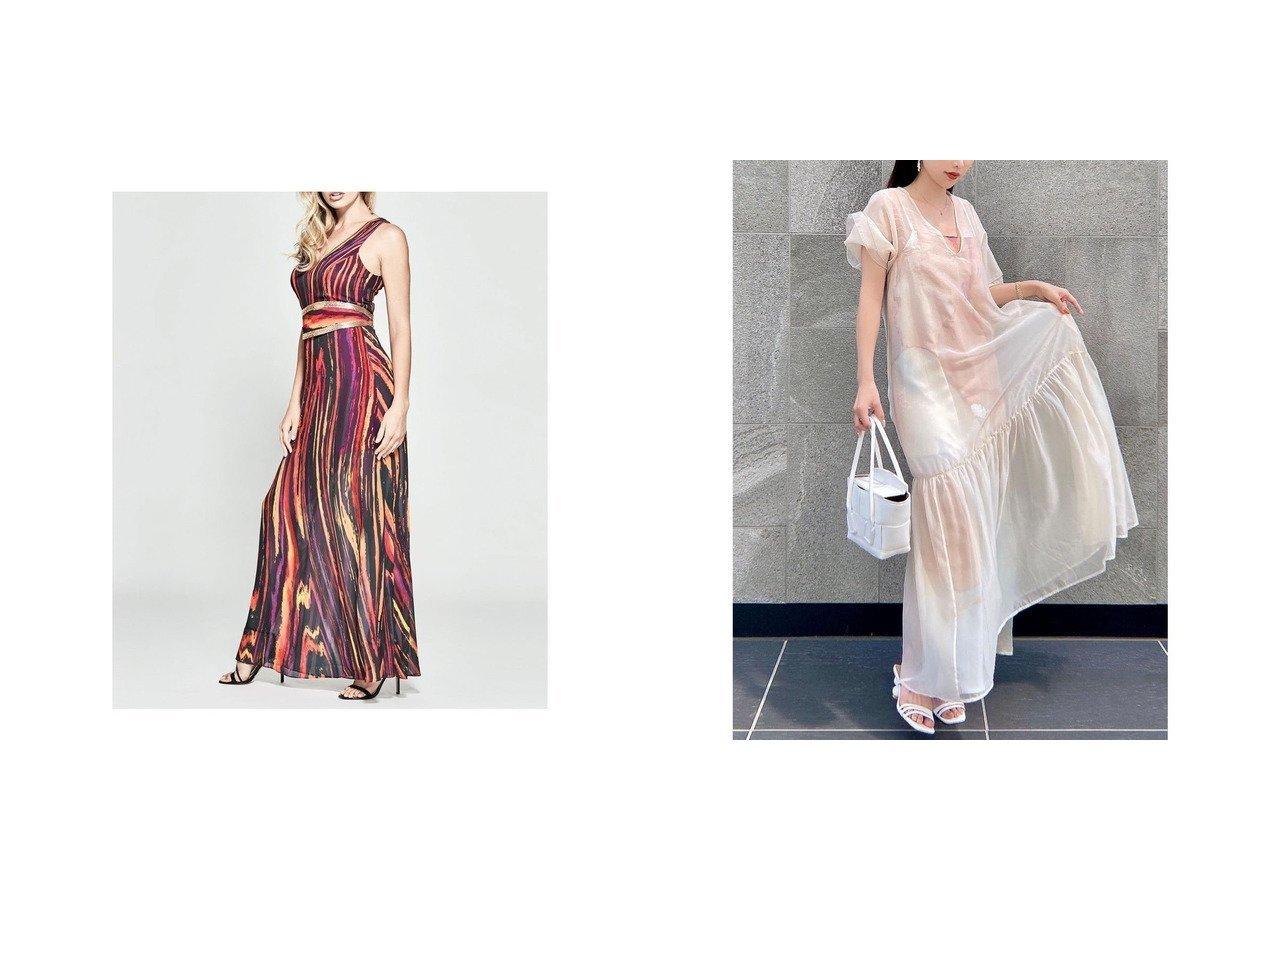 【eimy istoire/エイミーイストワール】のOil ink art シアーコンビレイヤードワンピース 無地&【GUESS/ゲス】のHeart On Fire Maxi Dress おすすめ!人気トレンド・レディースファッション通販 おすすめで人気の流行・トレンド、ファッションの通販商品 インテリア・家具・メンズファッション・キッズファッション・レディースファッション・服の通販 founy(ファニー) https://founy.com/ ファッション Fashion レディースファッション WOMEN ワンピース Dress ドレス Party Dresses マキシワンピース Maxi Dress S/S・春夏 SS・Spring/Summer おすすめ Recommend シアー ドレス プリント リゾート ロング 春 Spring インナー オイル 無地 |ID:crp329100000046275